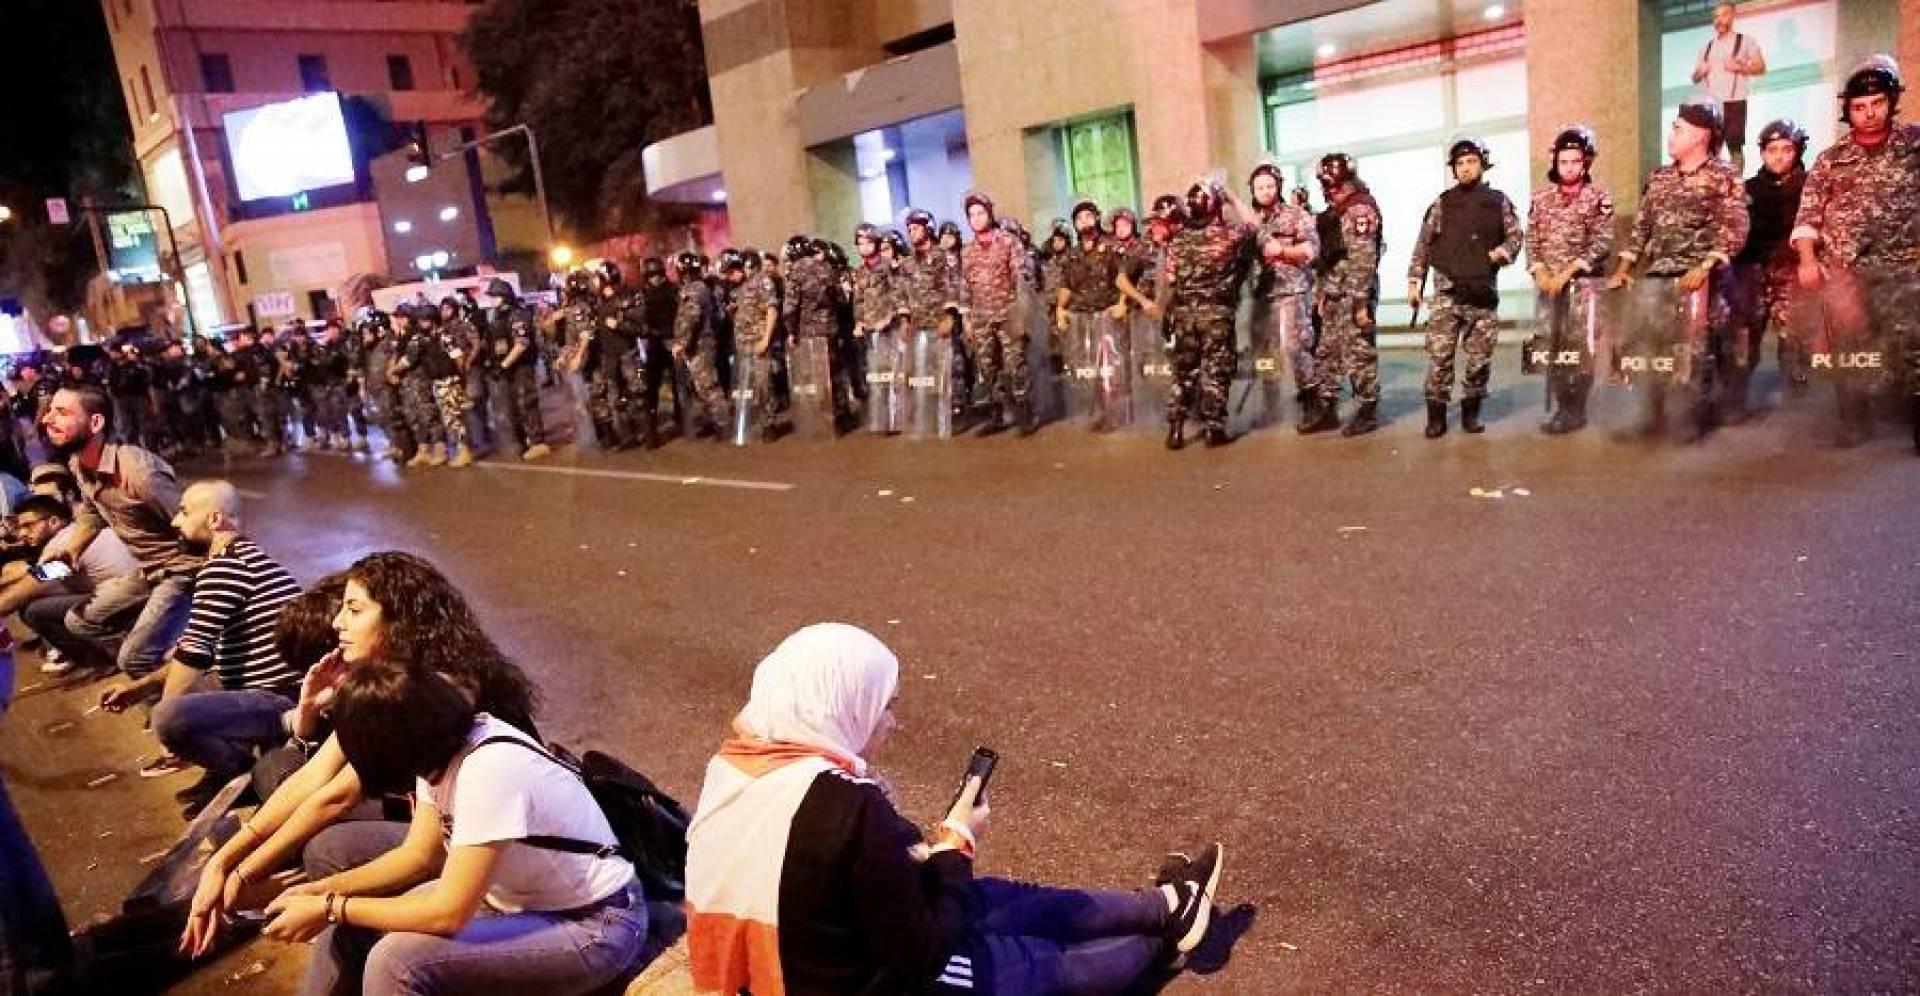 لبنان.. انتشار عسكري على طريق بعبدا بعد محاولة مجموعة التوجه إلى القصر الجمهوري